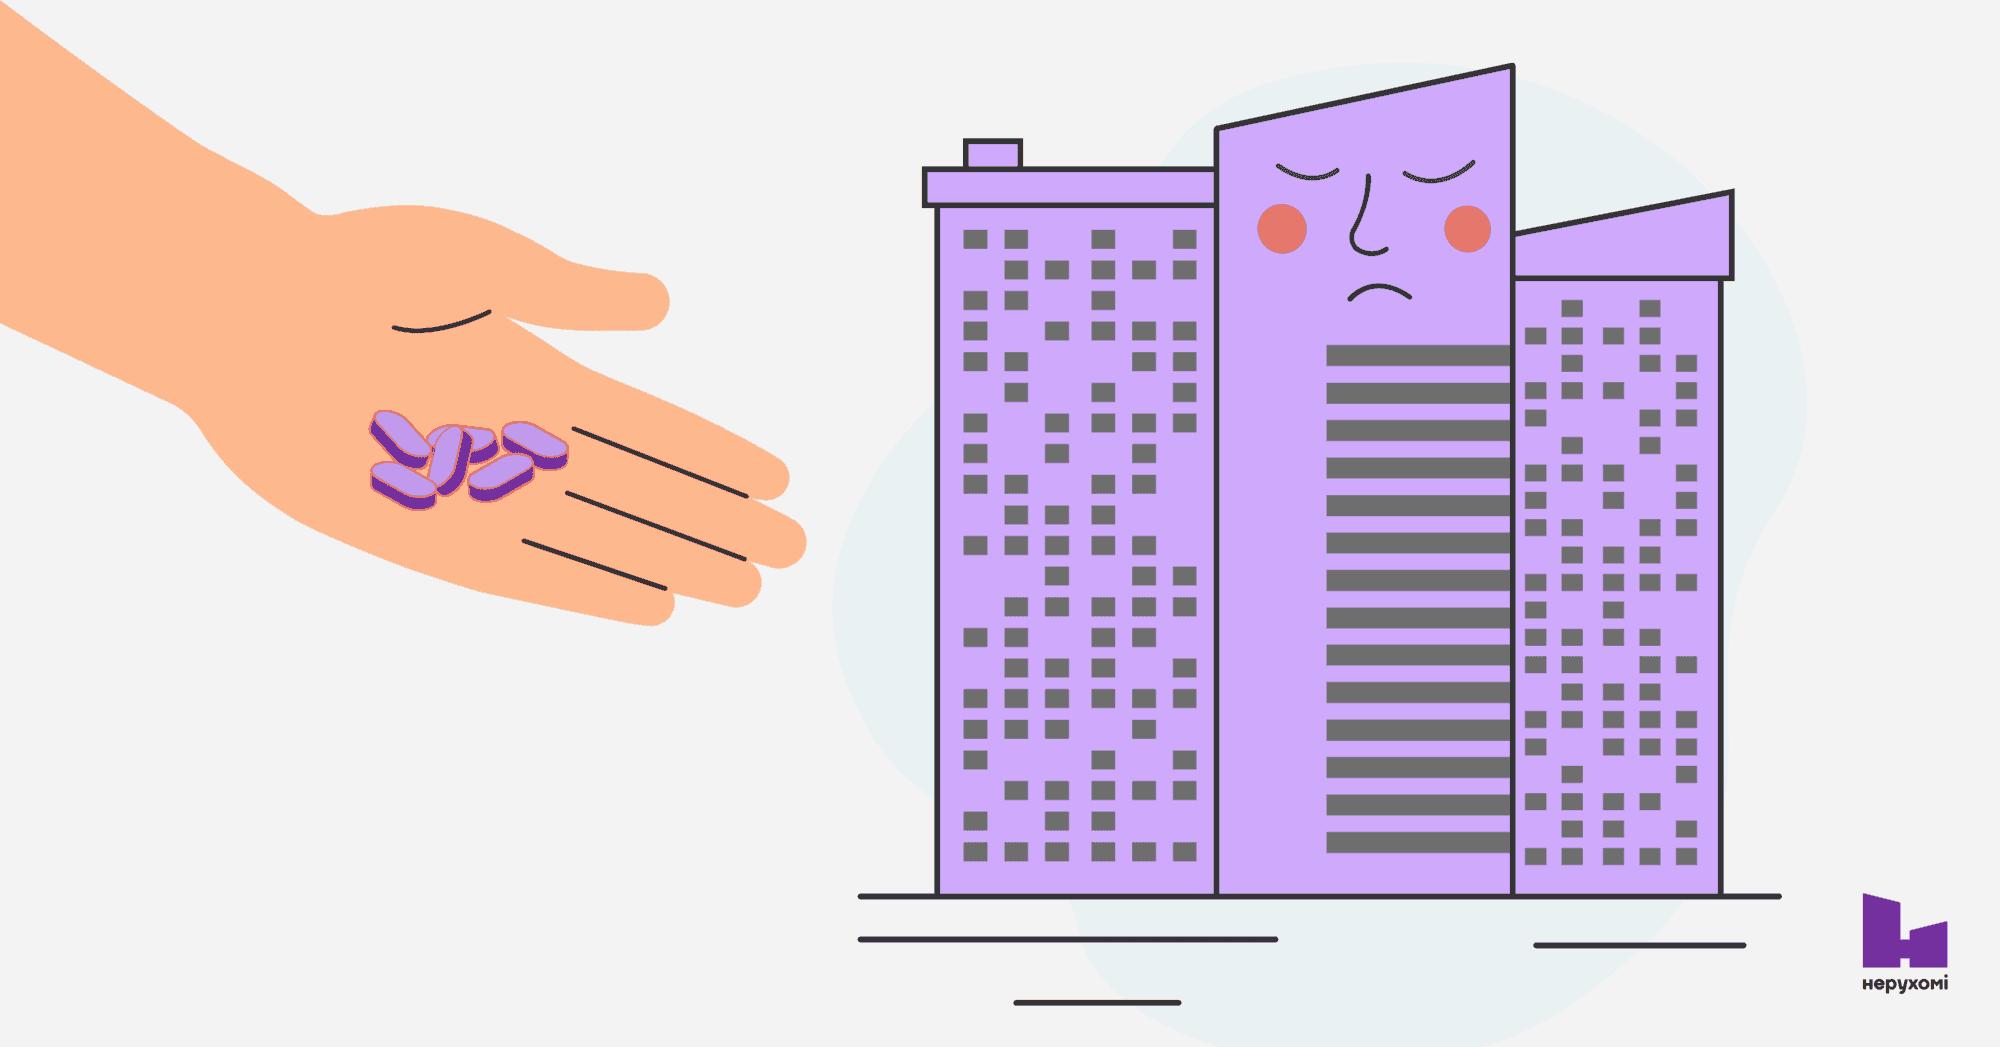 Картинка: Як відстрочити або знизити оплату за оренду нерухомості